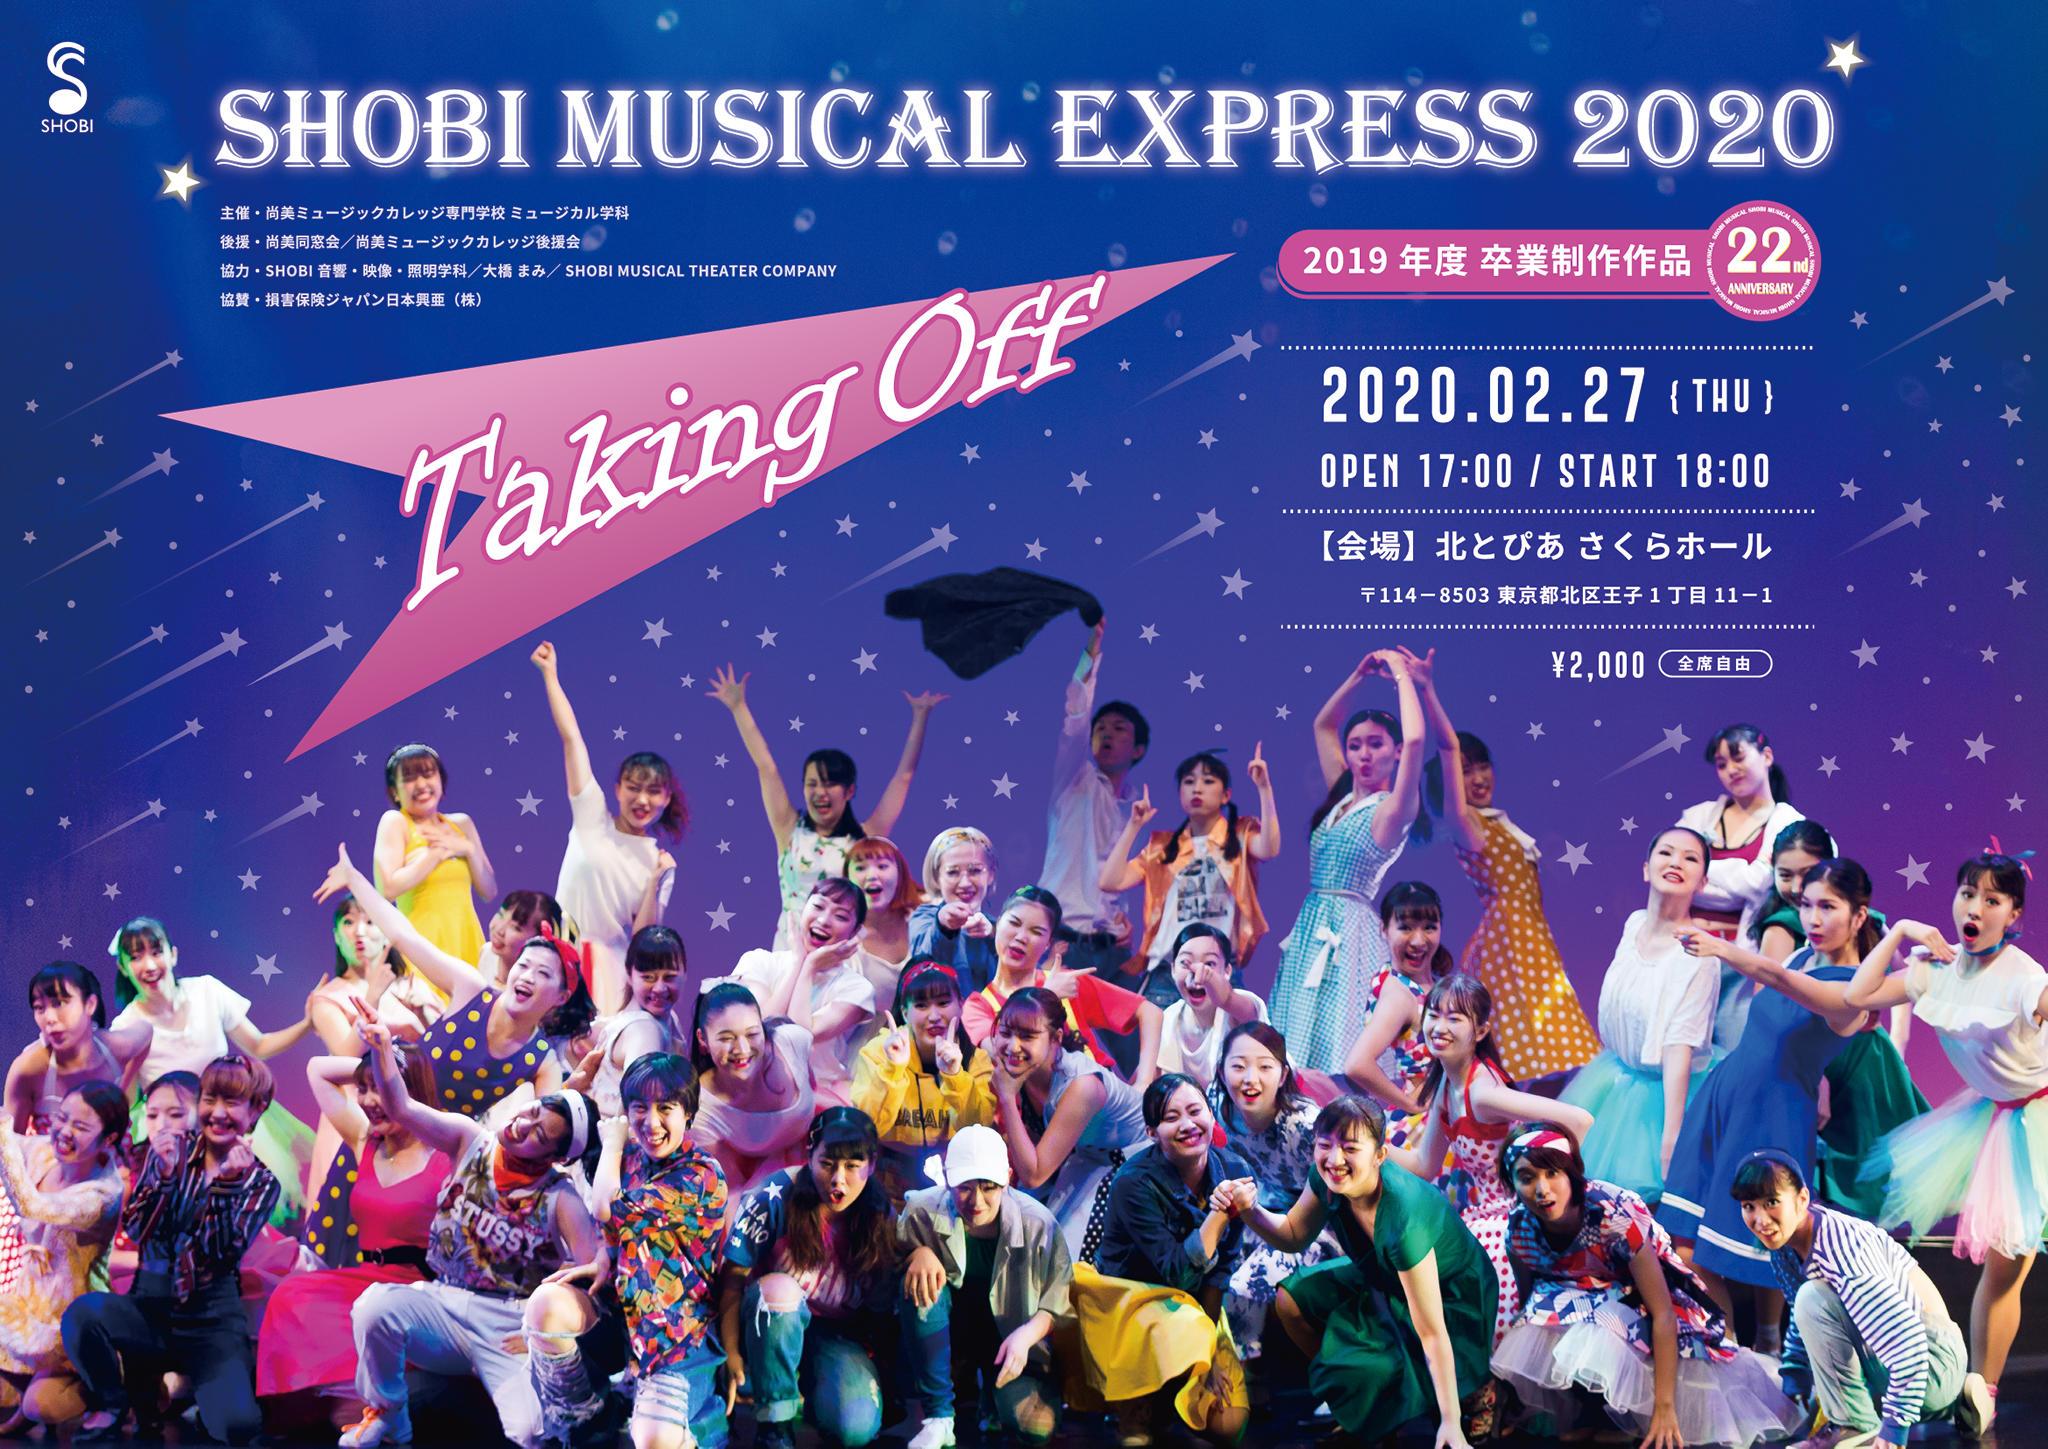 【2月27日開催】ミュージカル学科の2019年度卒業制作作品SHOBI MUSICAL EXPRESS 2020「Taking Off」